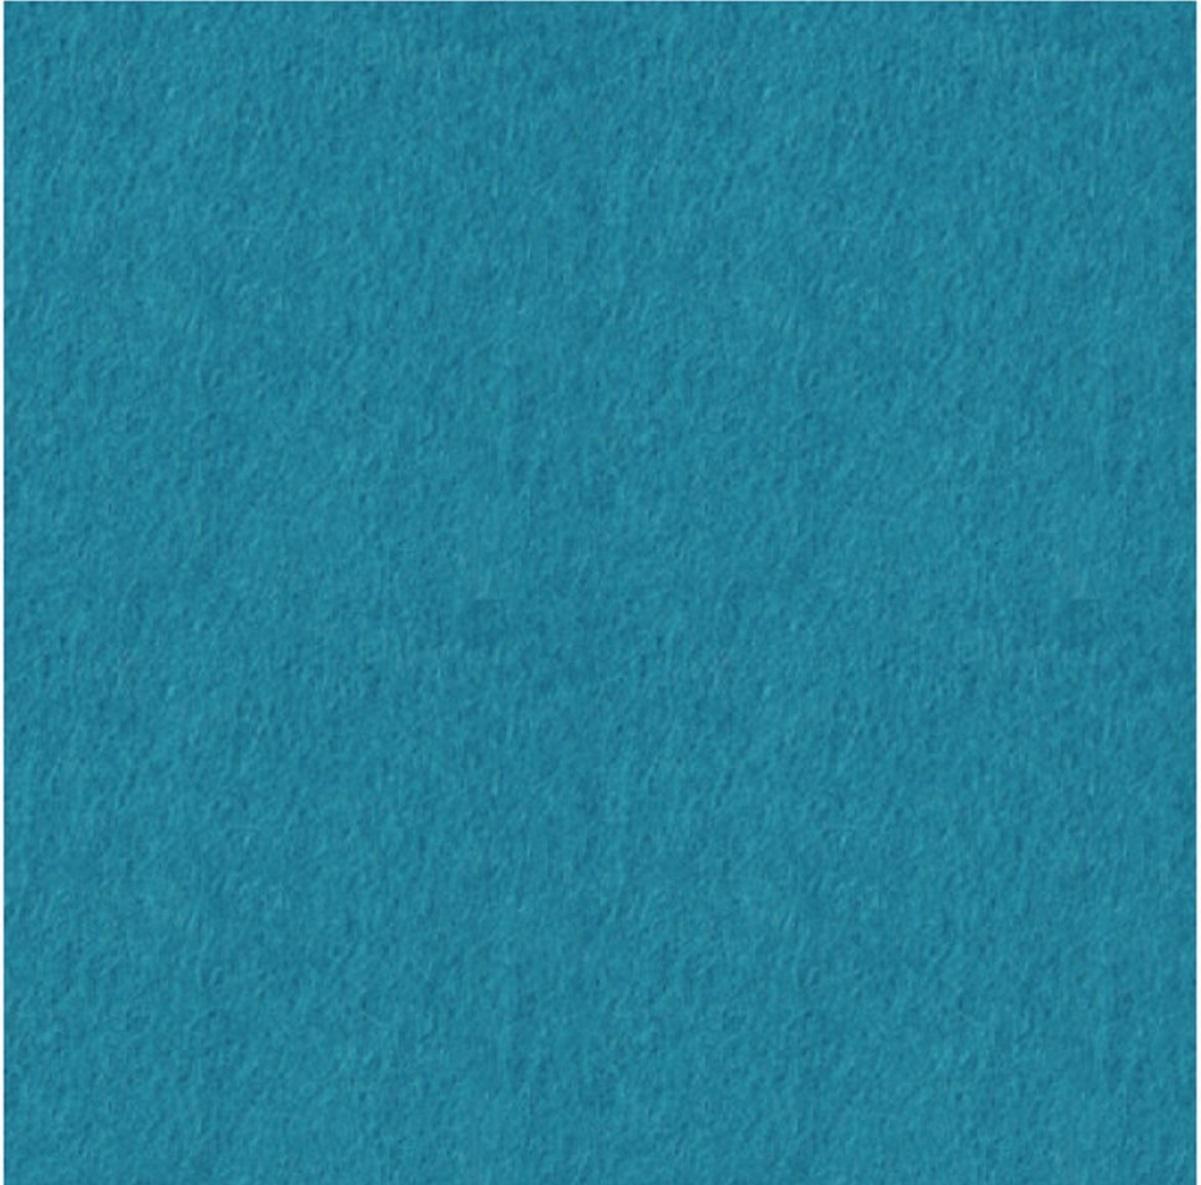 Turquoise Premium Felt